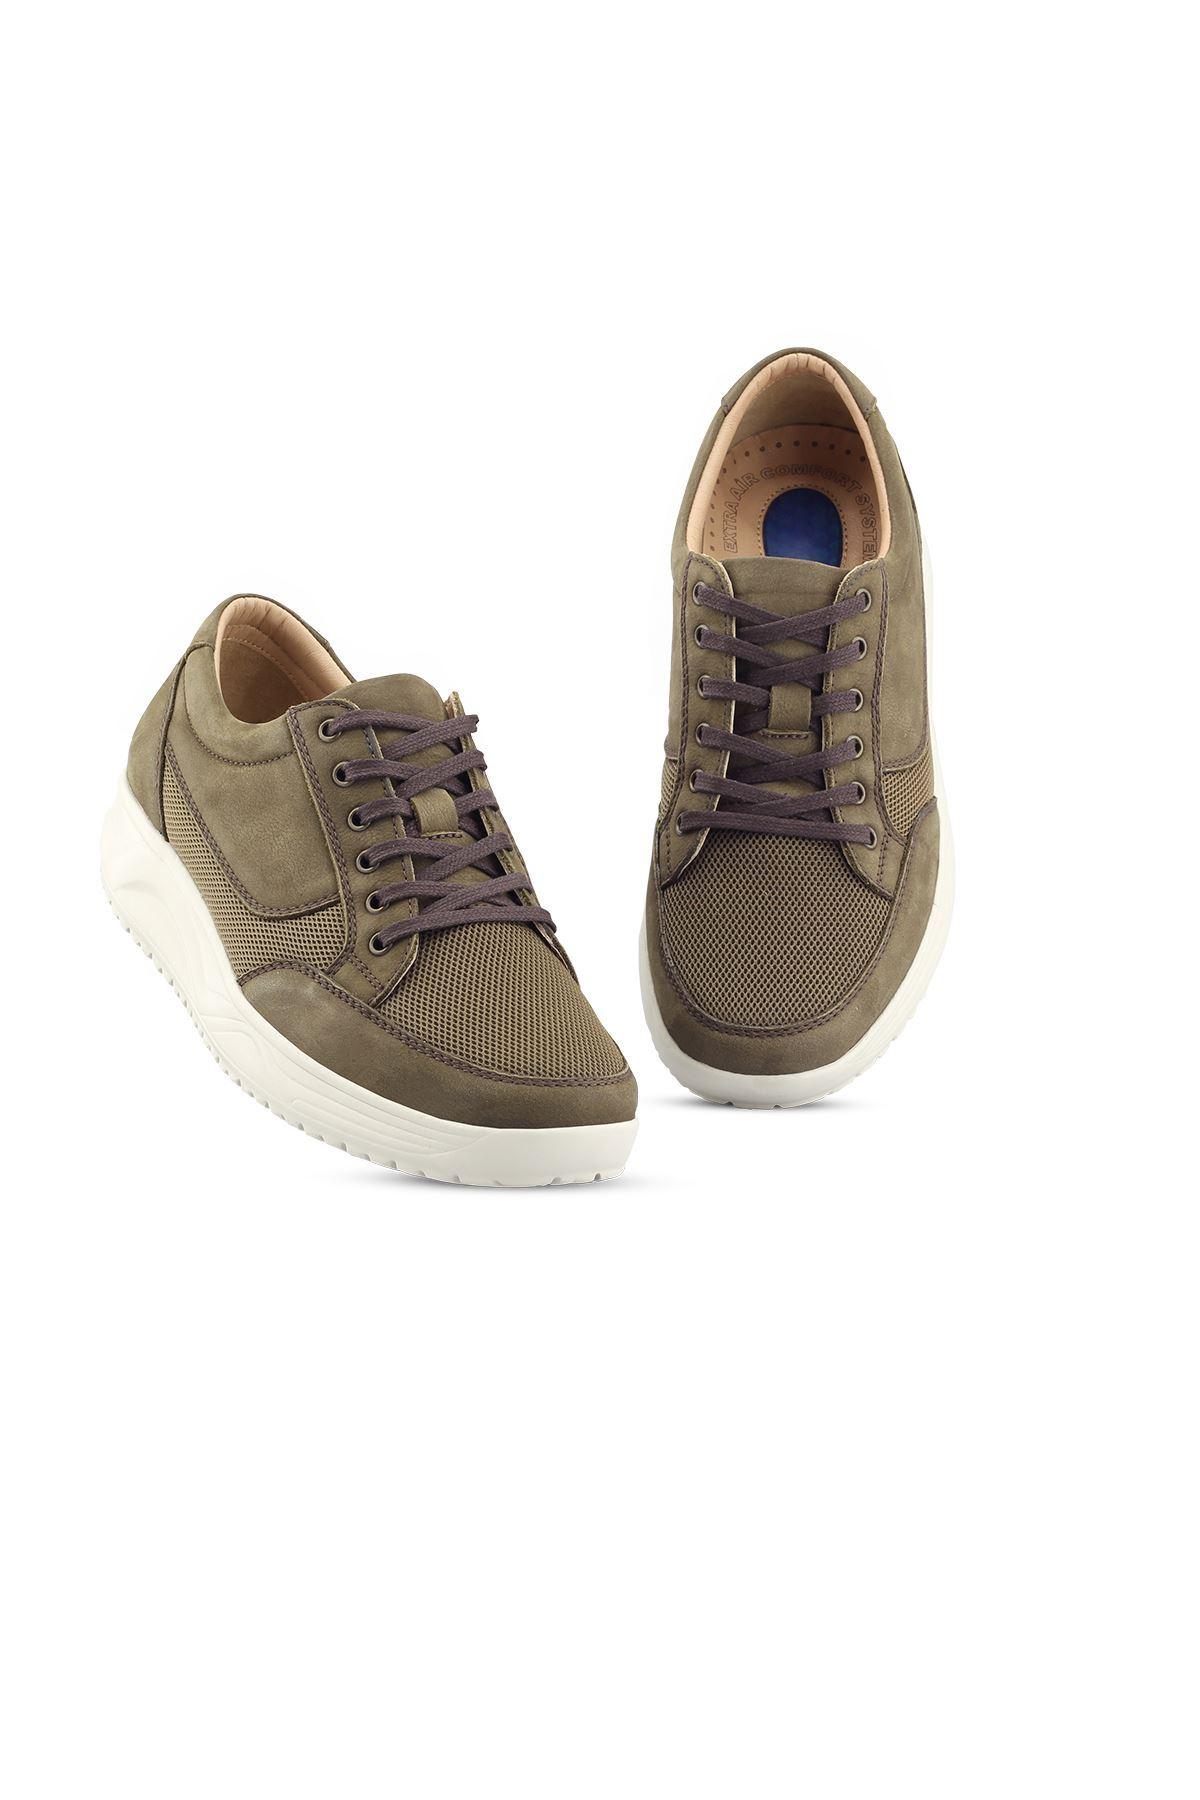 1656 Nubuk Haki Erkek Yürüyüş Ayakkabısı